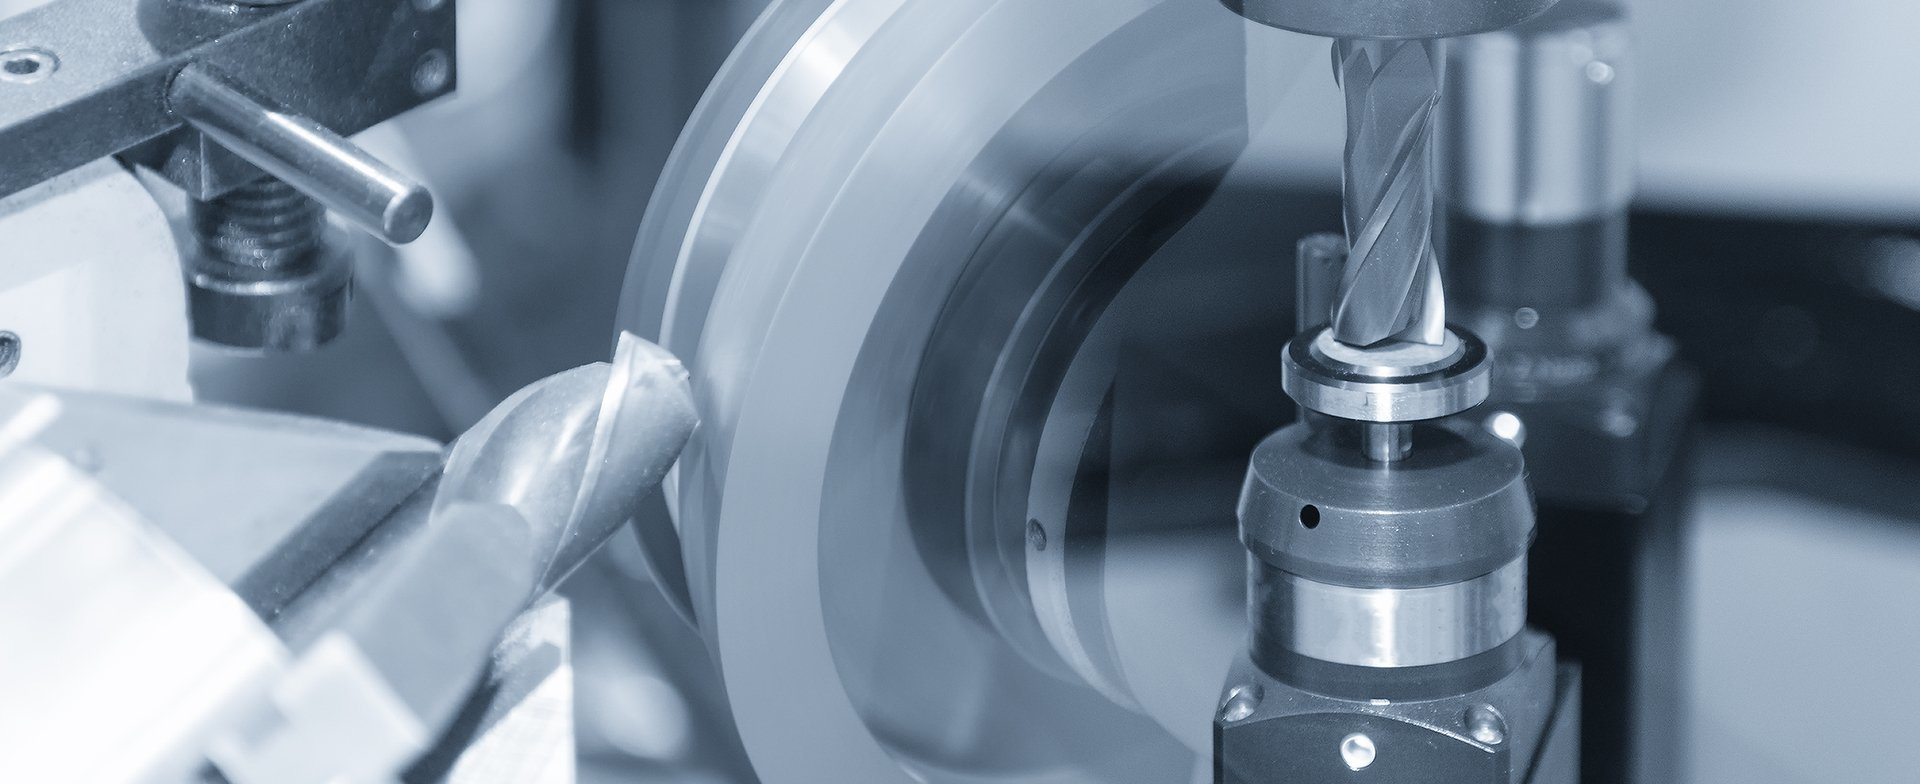 Allgemeiner Maschinenbau